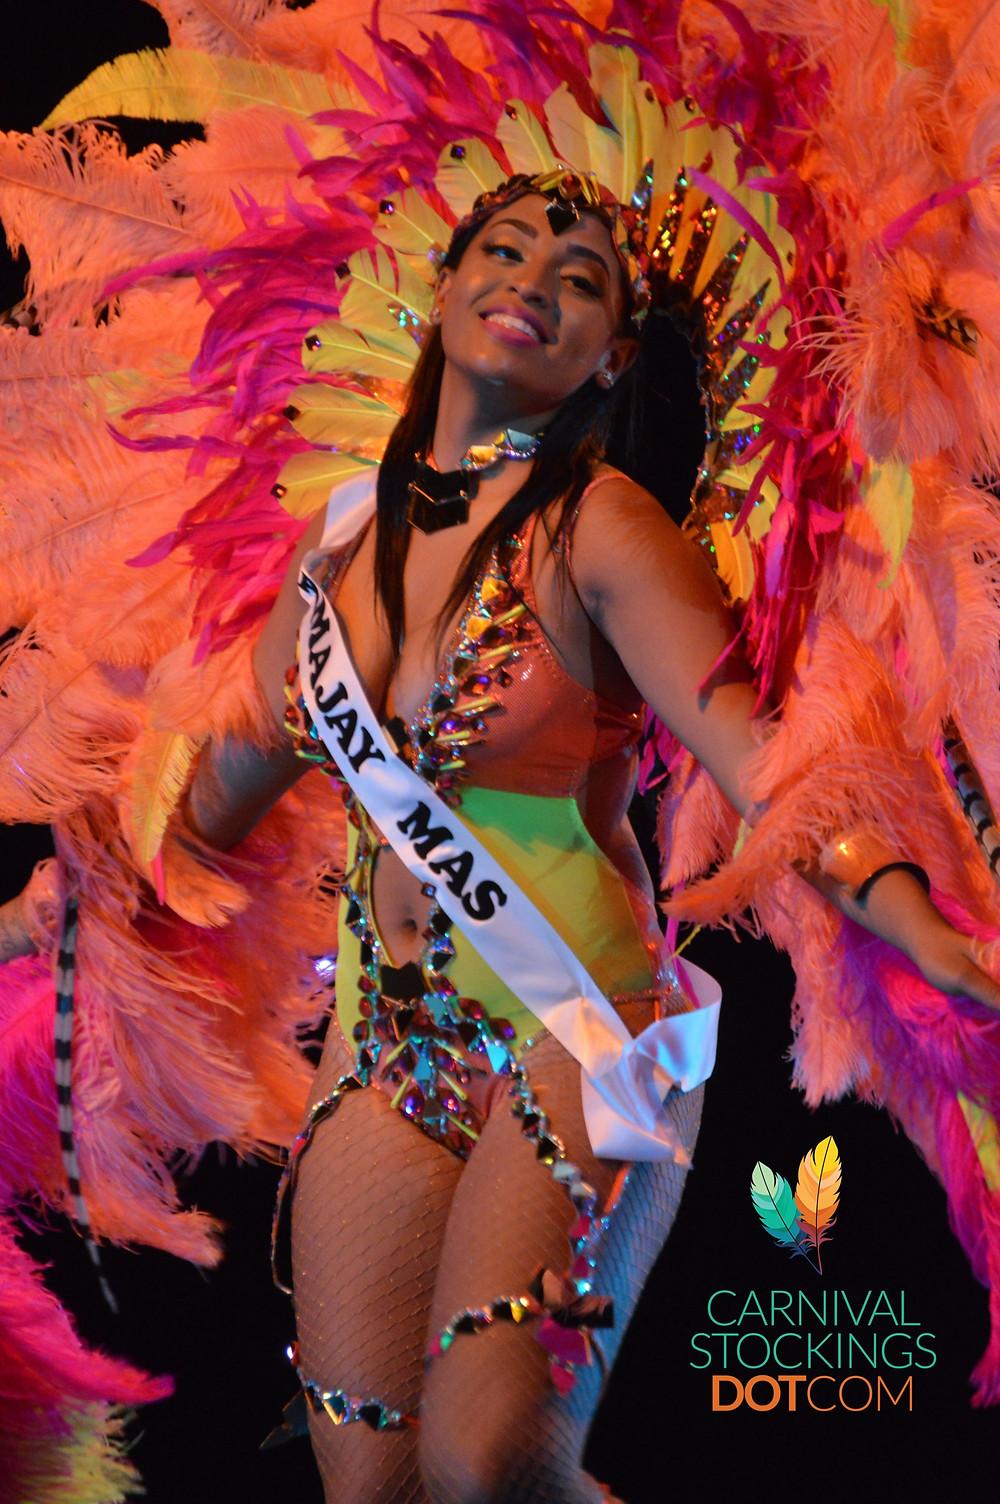 Miami Carnival 2020; Will COVID-19 cancel the event?